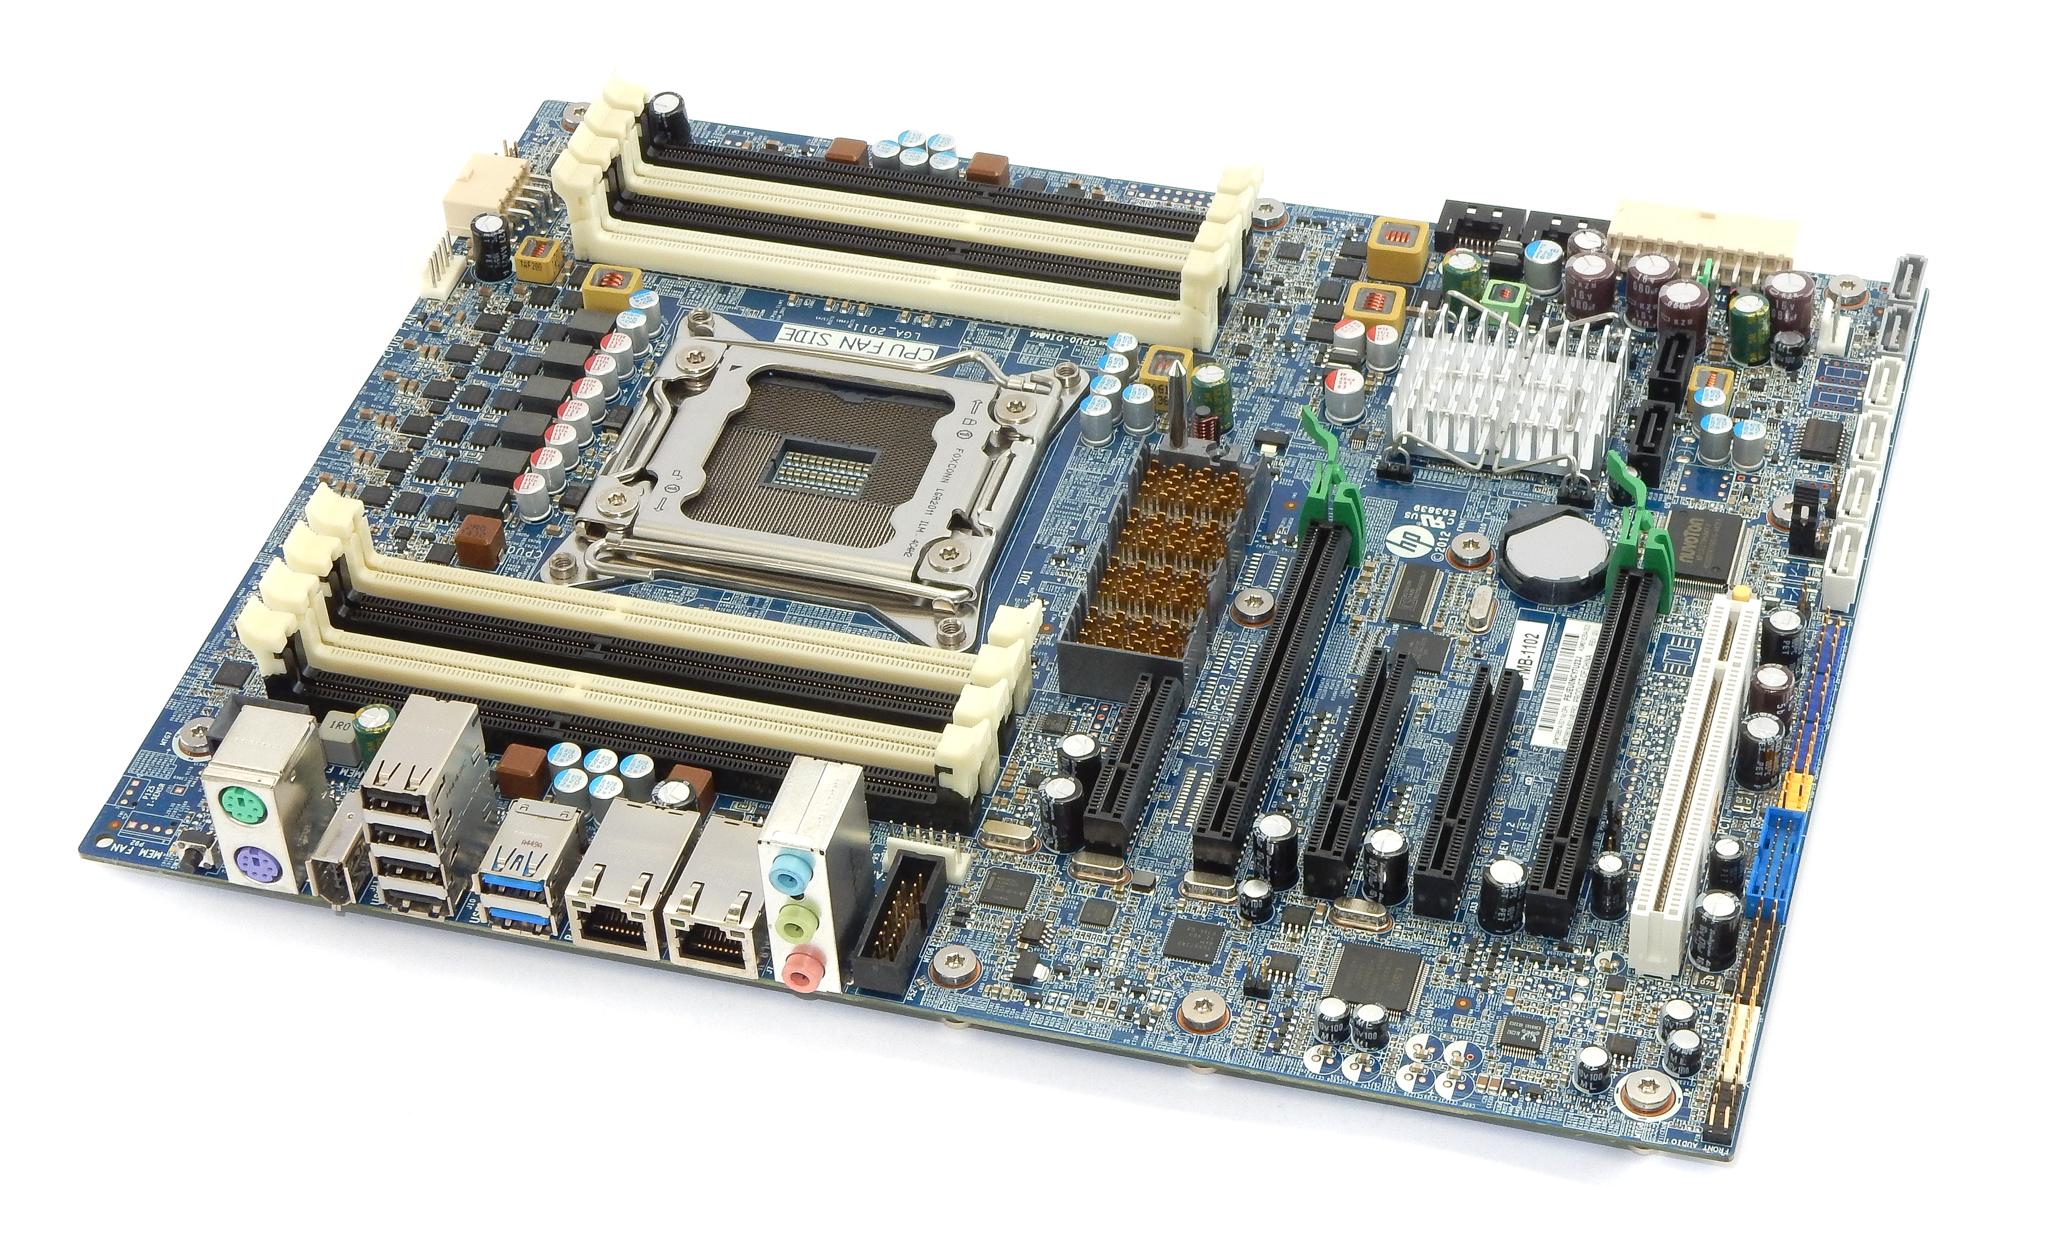 HP 708614-001 Z620 Workstation Motherboard